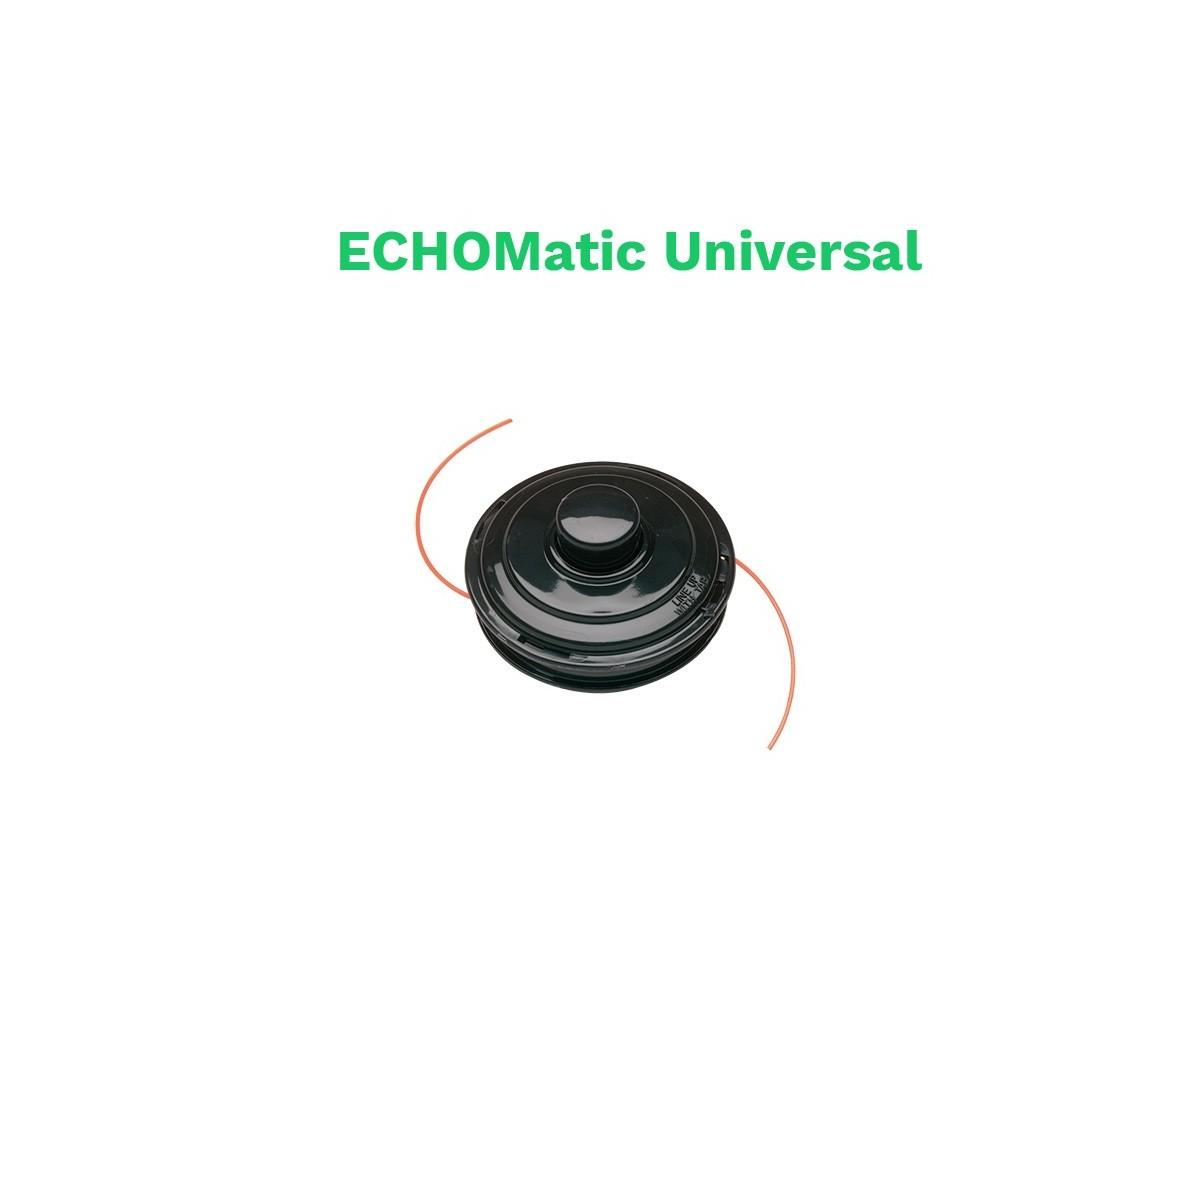 echo cabezal universal echomatic